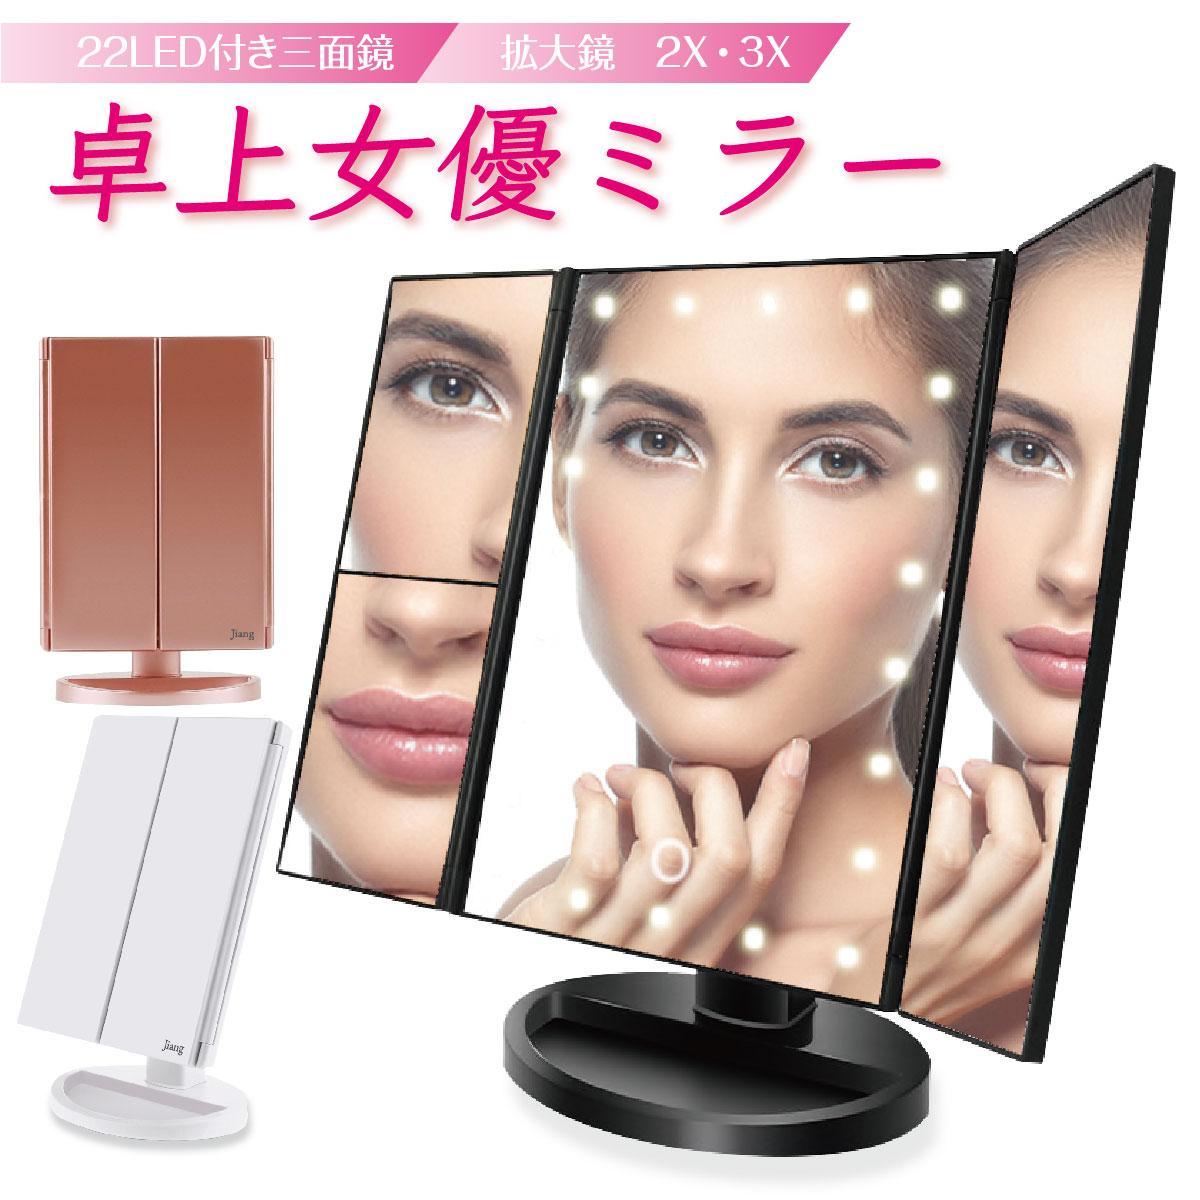 22個LED付き 3面鏡 女優ミラー LED女優ミラー 大 鏡 新作販売 ライト付き 卓上ミラー 女優ライト 2倍 ドレッサー 卓上 ライト 3倍 化粧鏡 joyu-mr01 市場